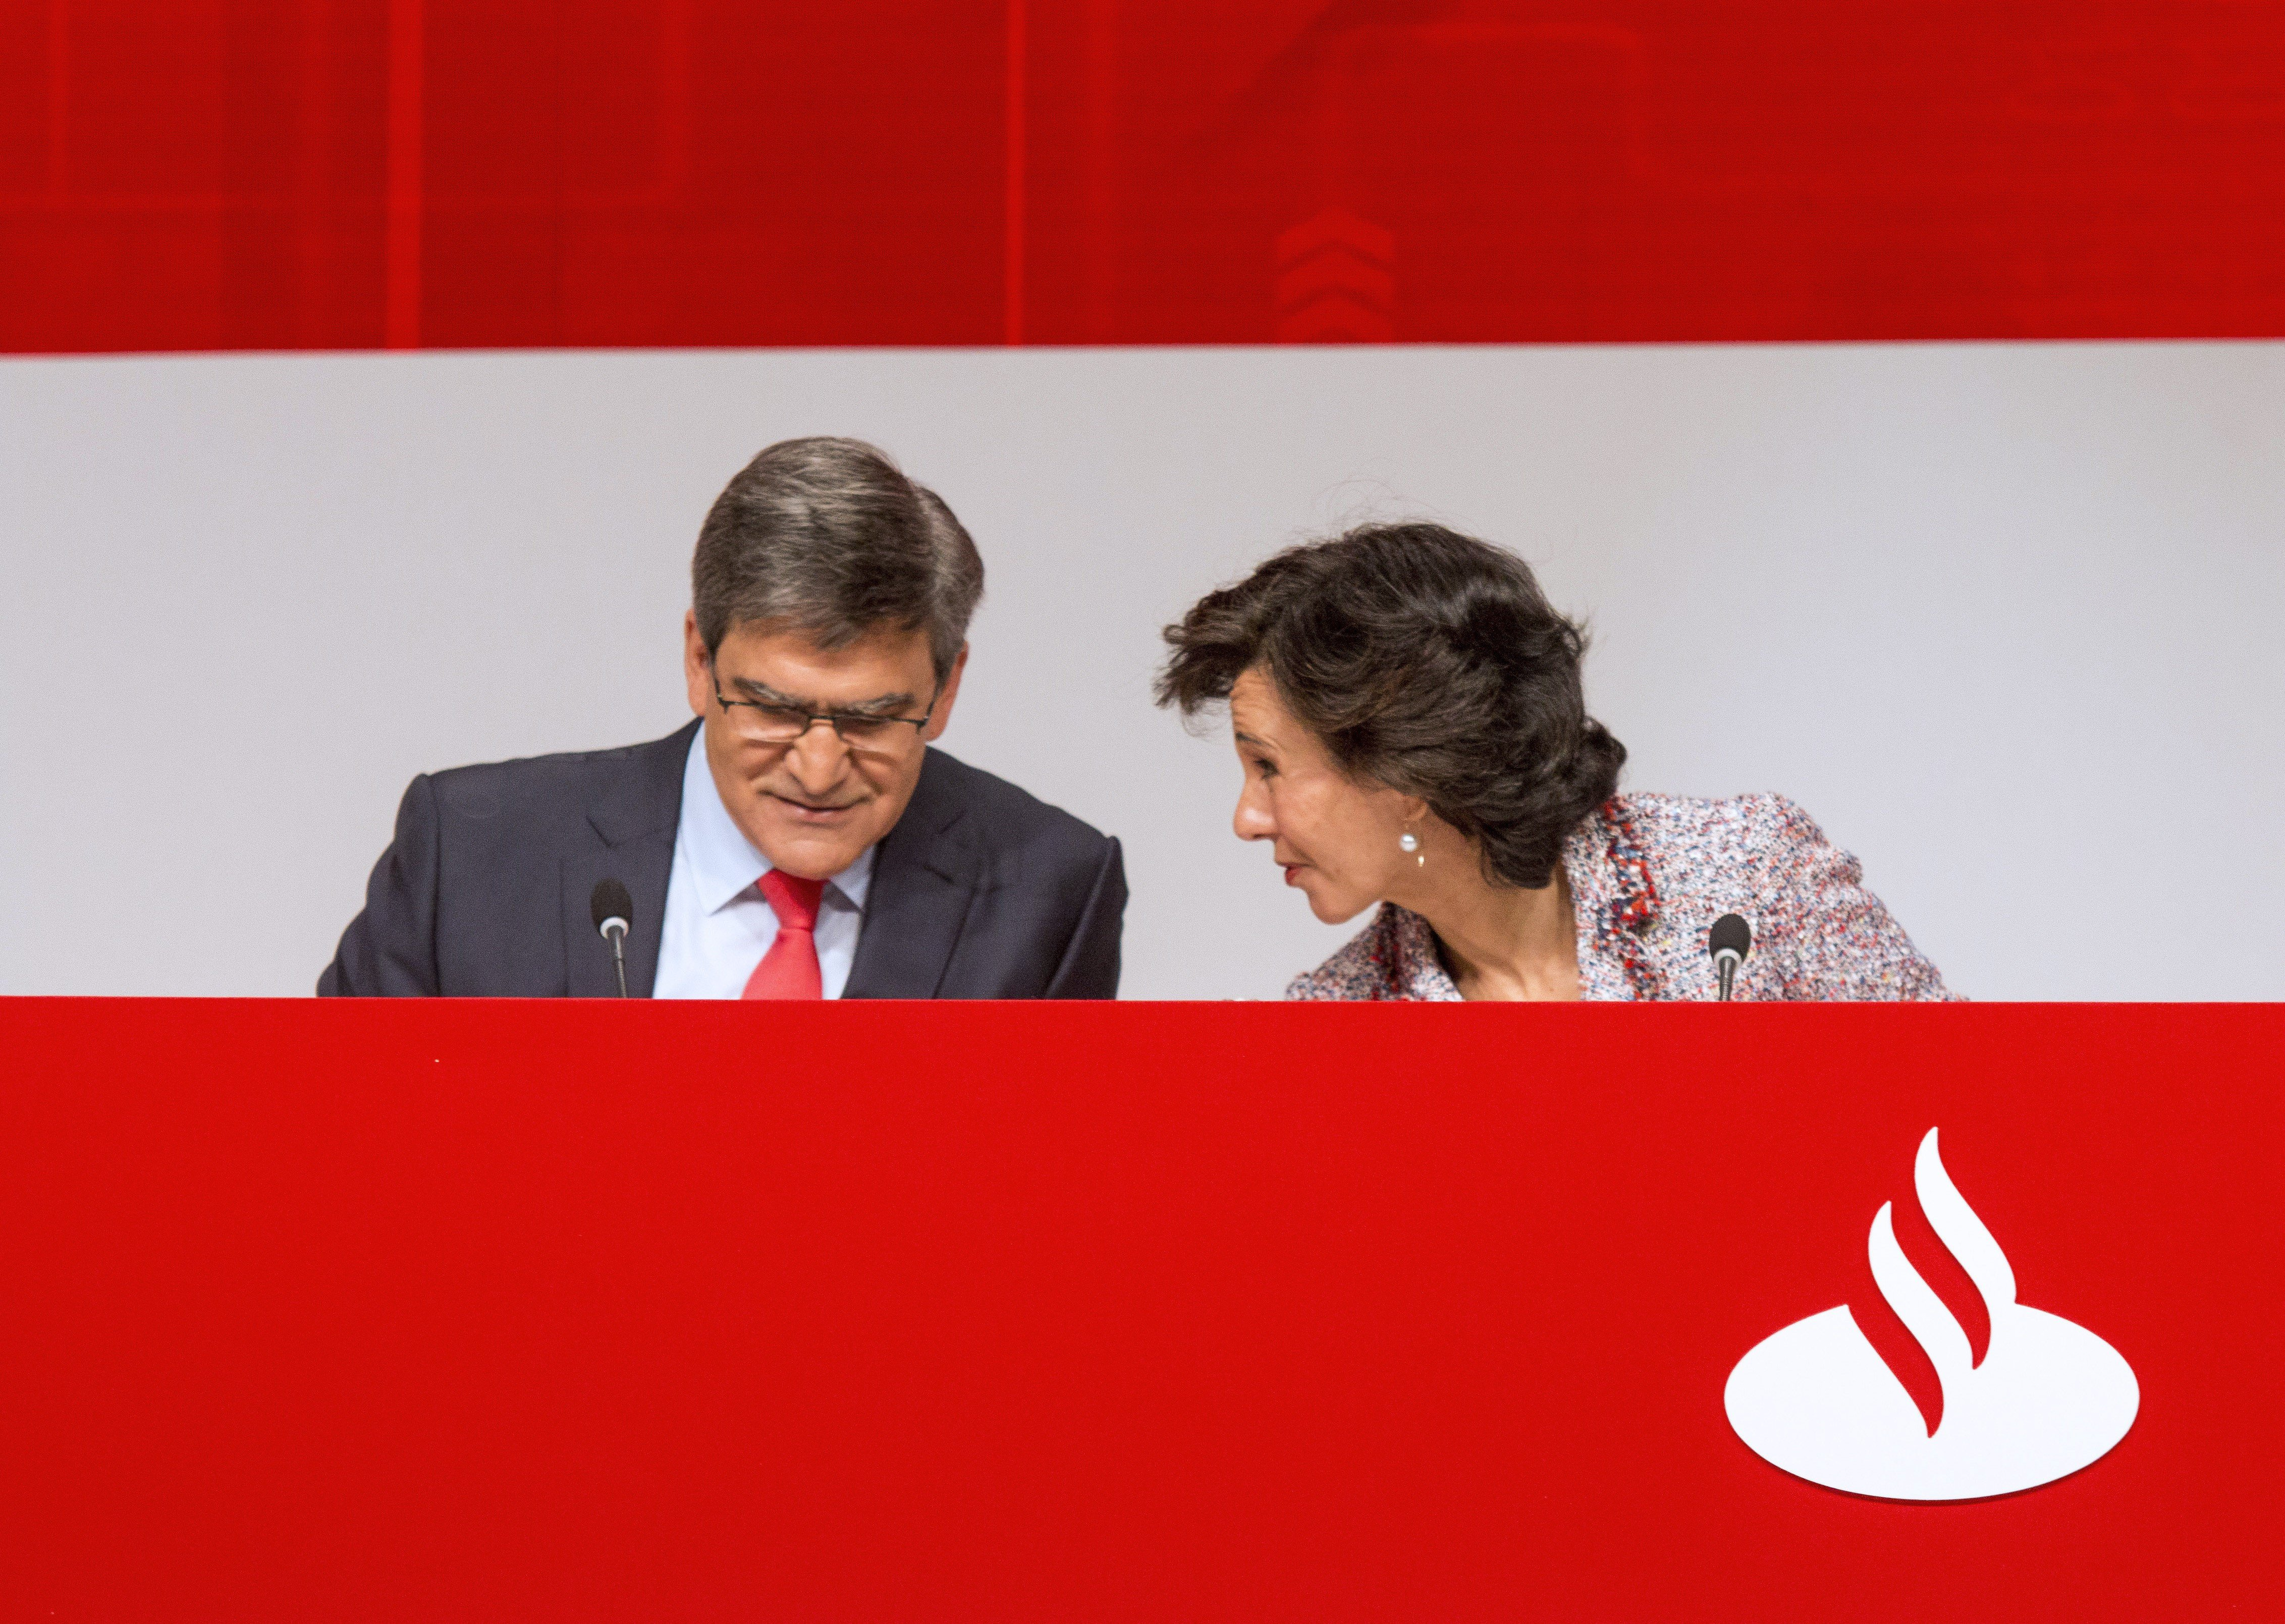 Banco Santander Efe